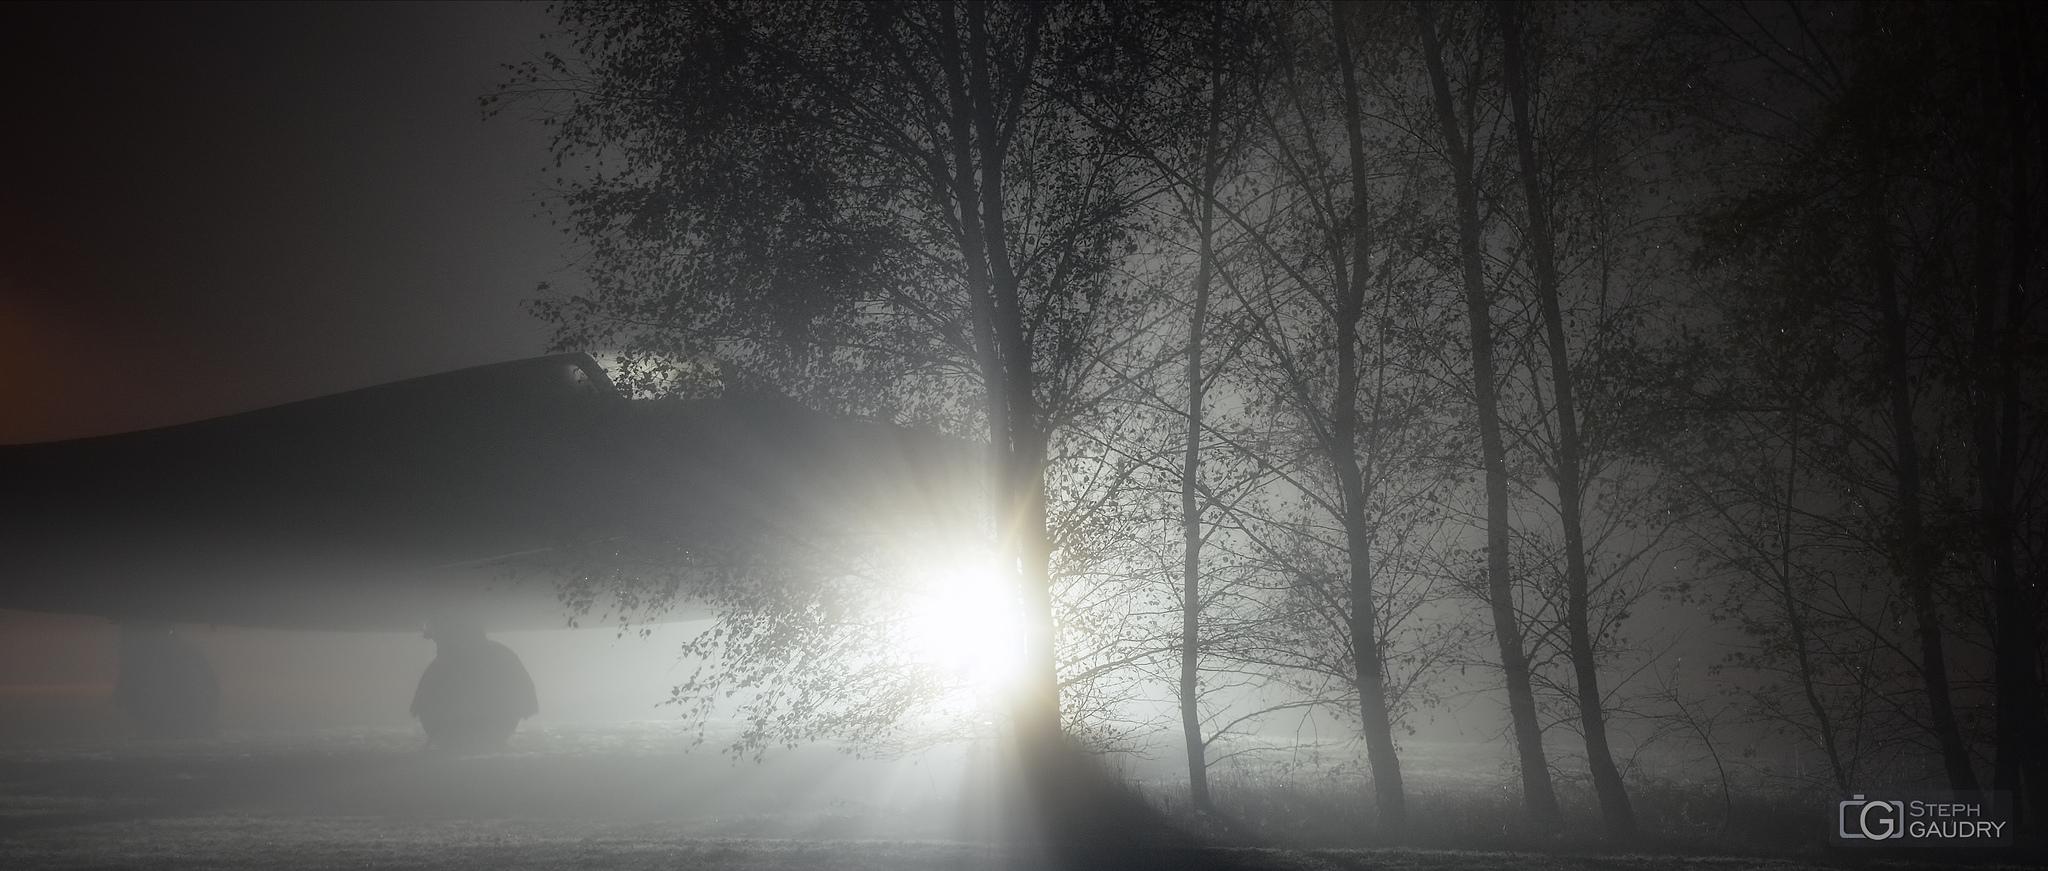 EHEH night, mist, and airplane [Klik om de diavoorstelling te starten]